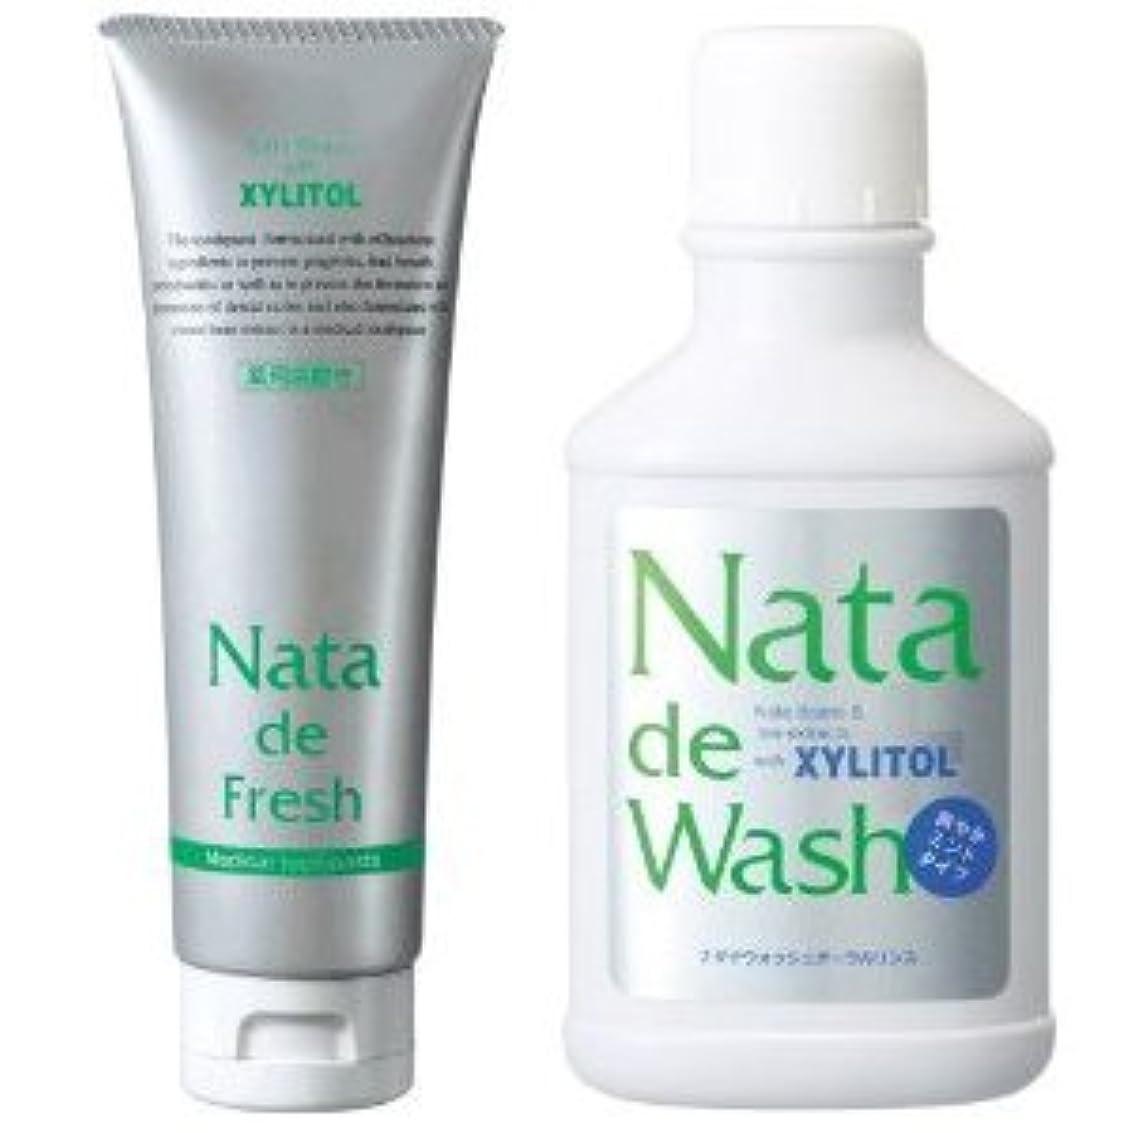 まともな紛争くすぐったいナタデウォッシュ 口内環境セット 歯磨き+マウスウォッシュ ナタデフレッシュ+ナタデウォッシュ